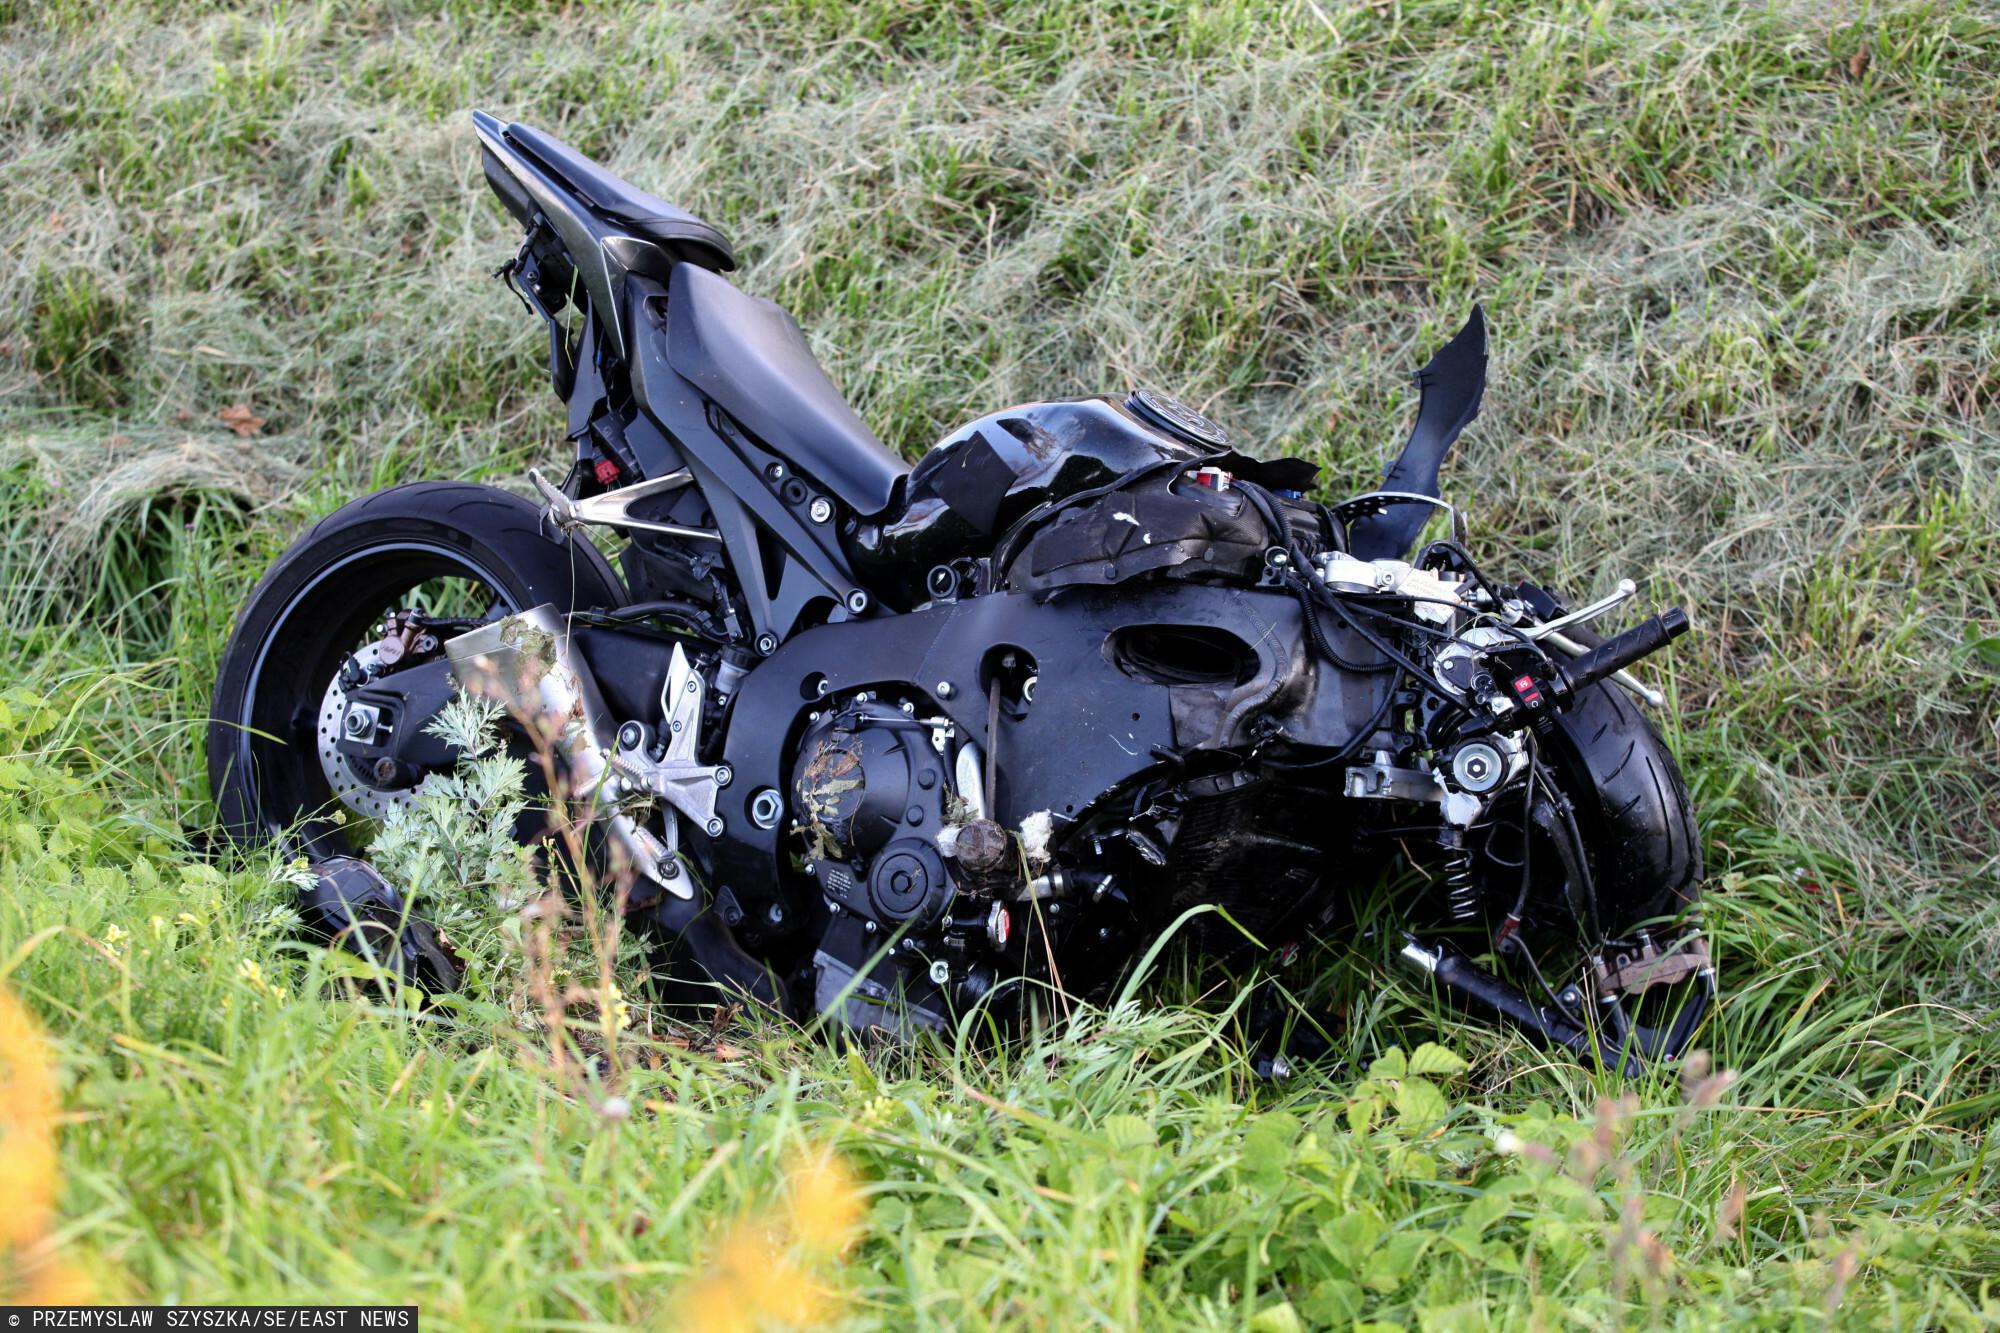 Śmiertelne potrącenie motocyklisty. Zdjęcie pogądowe: PRZEMYSLAW SZYSZKA/SE/EAST NEWS